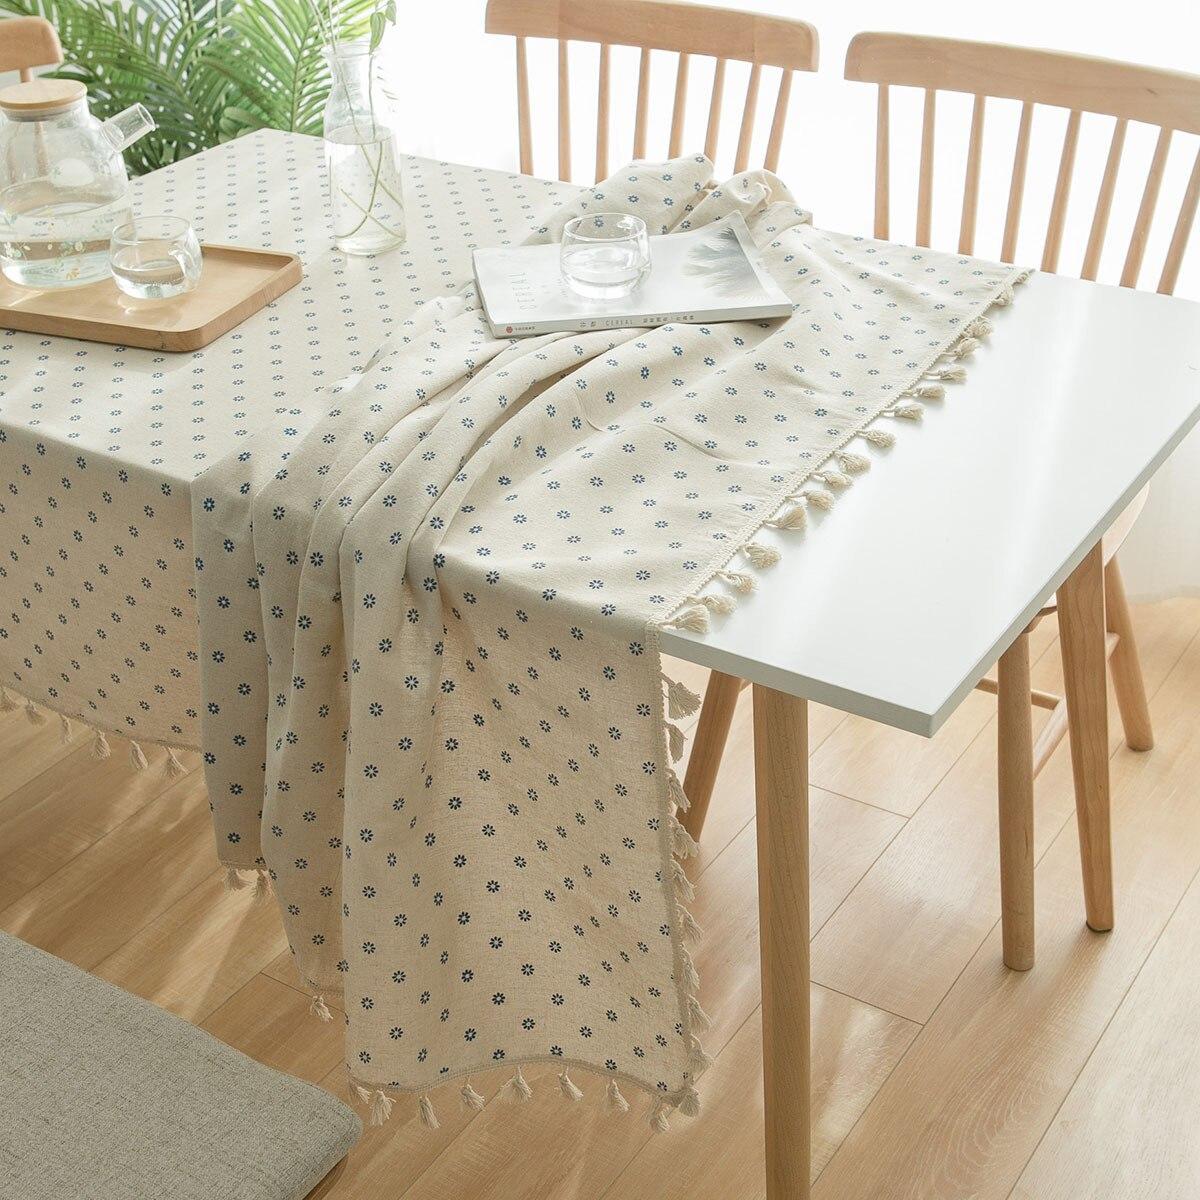 Mantel de tela con borlas, funda multifunción, toalla con patrón de flores, mantel blanco sobre la mesa, decoraciones para el hogar DW117